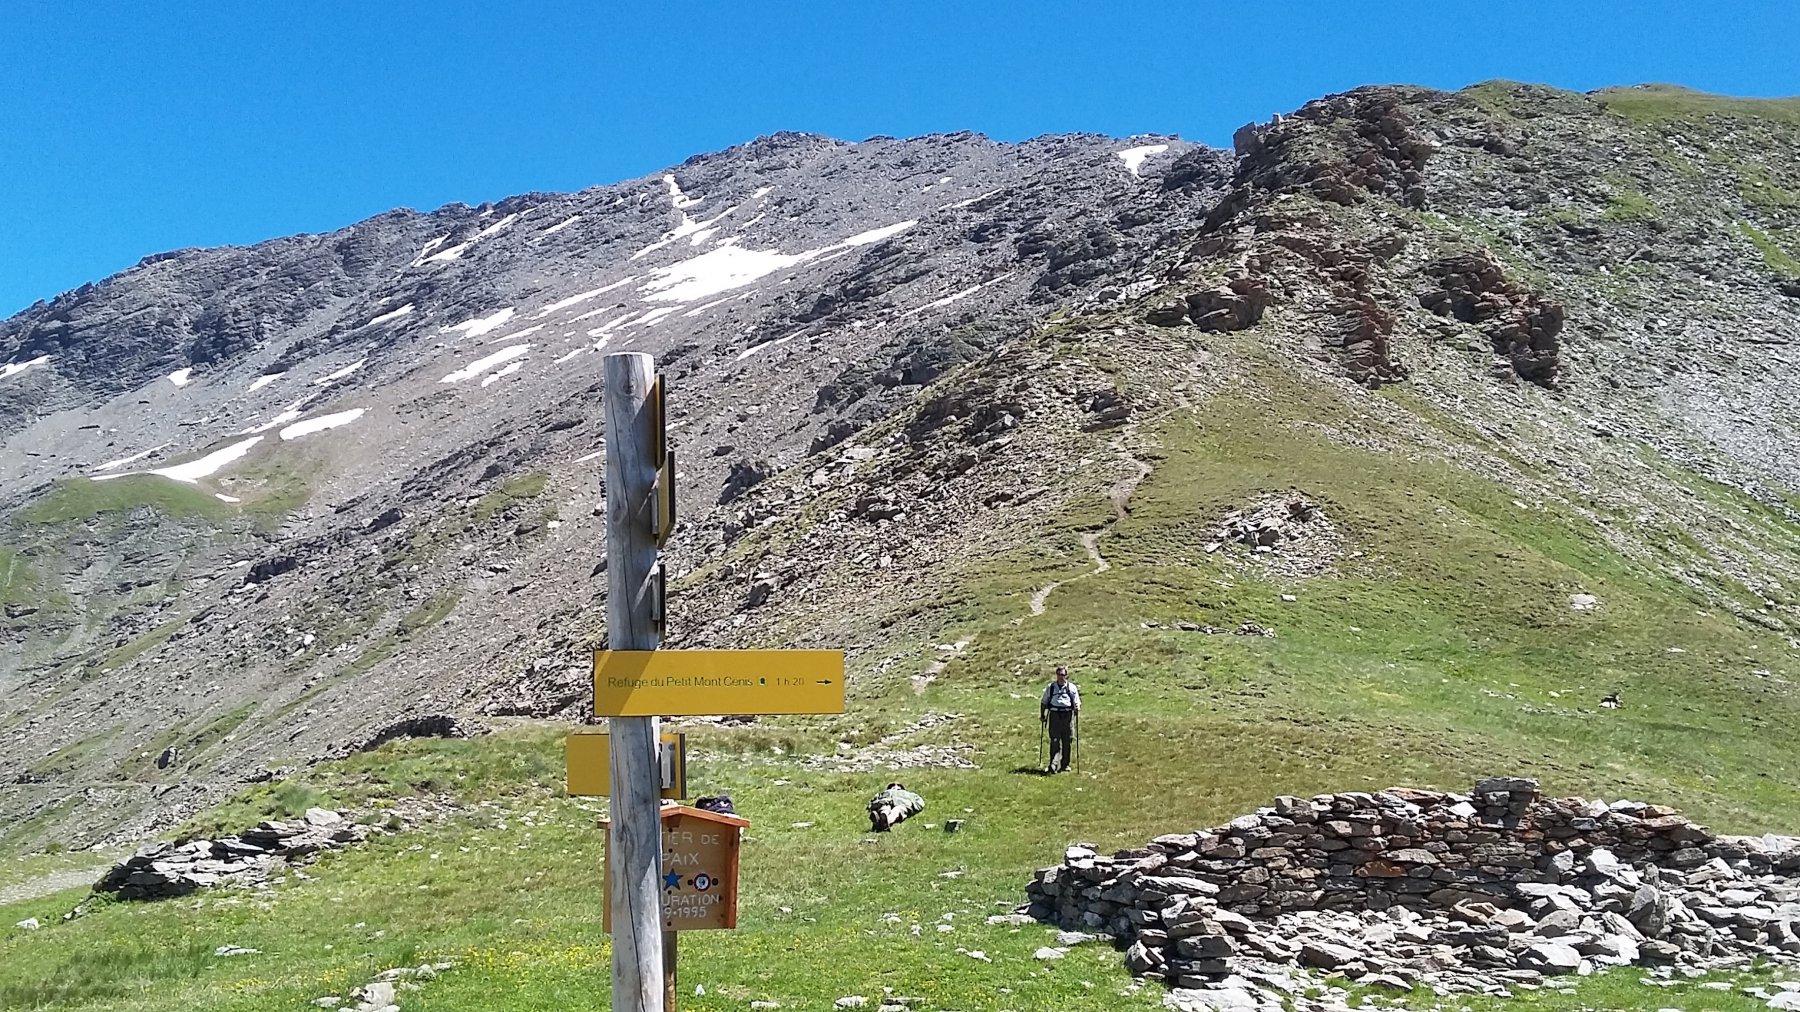 Petit Mont Cenis (Signal du) o Punta Clairy dal Col du Petit Mont Cenis, anello per Pas de la Beccia e Col de Sollières 2016-07-16